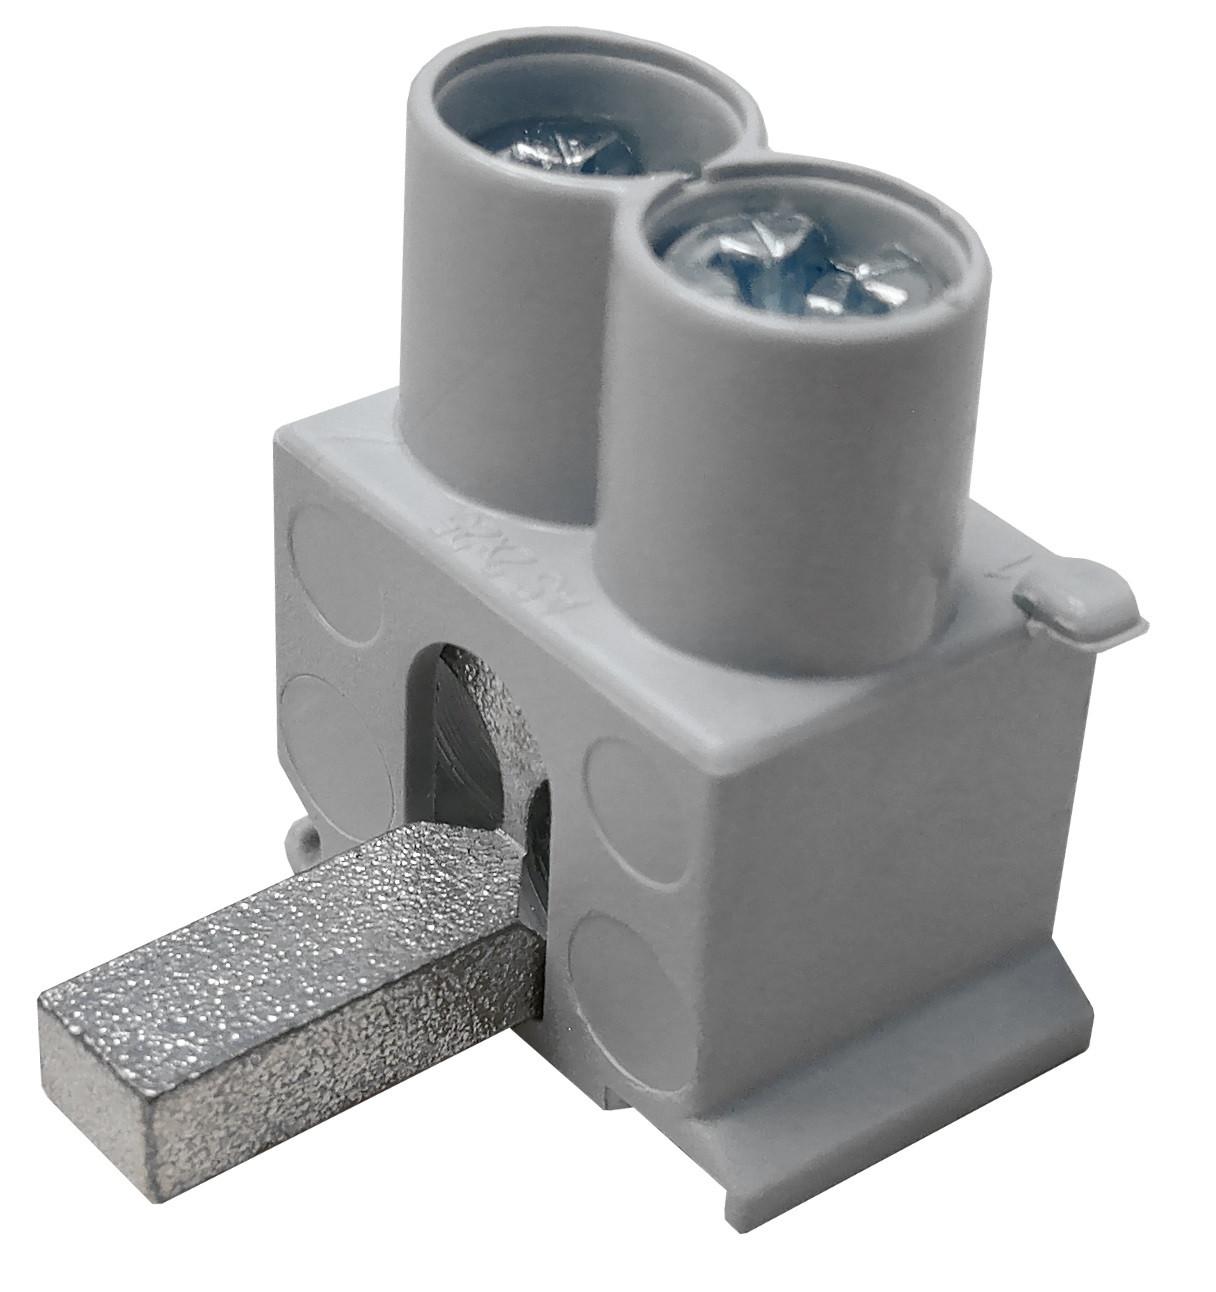 SEP DT2-25 tweevoudige aansluitklem 2x25mm2